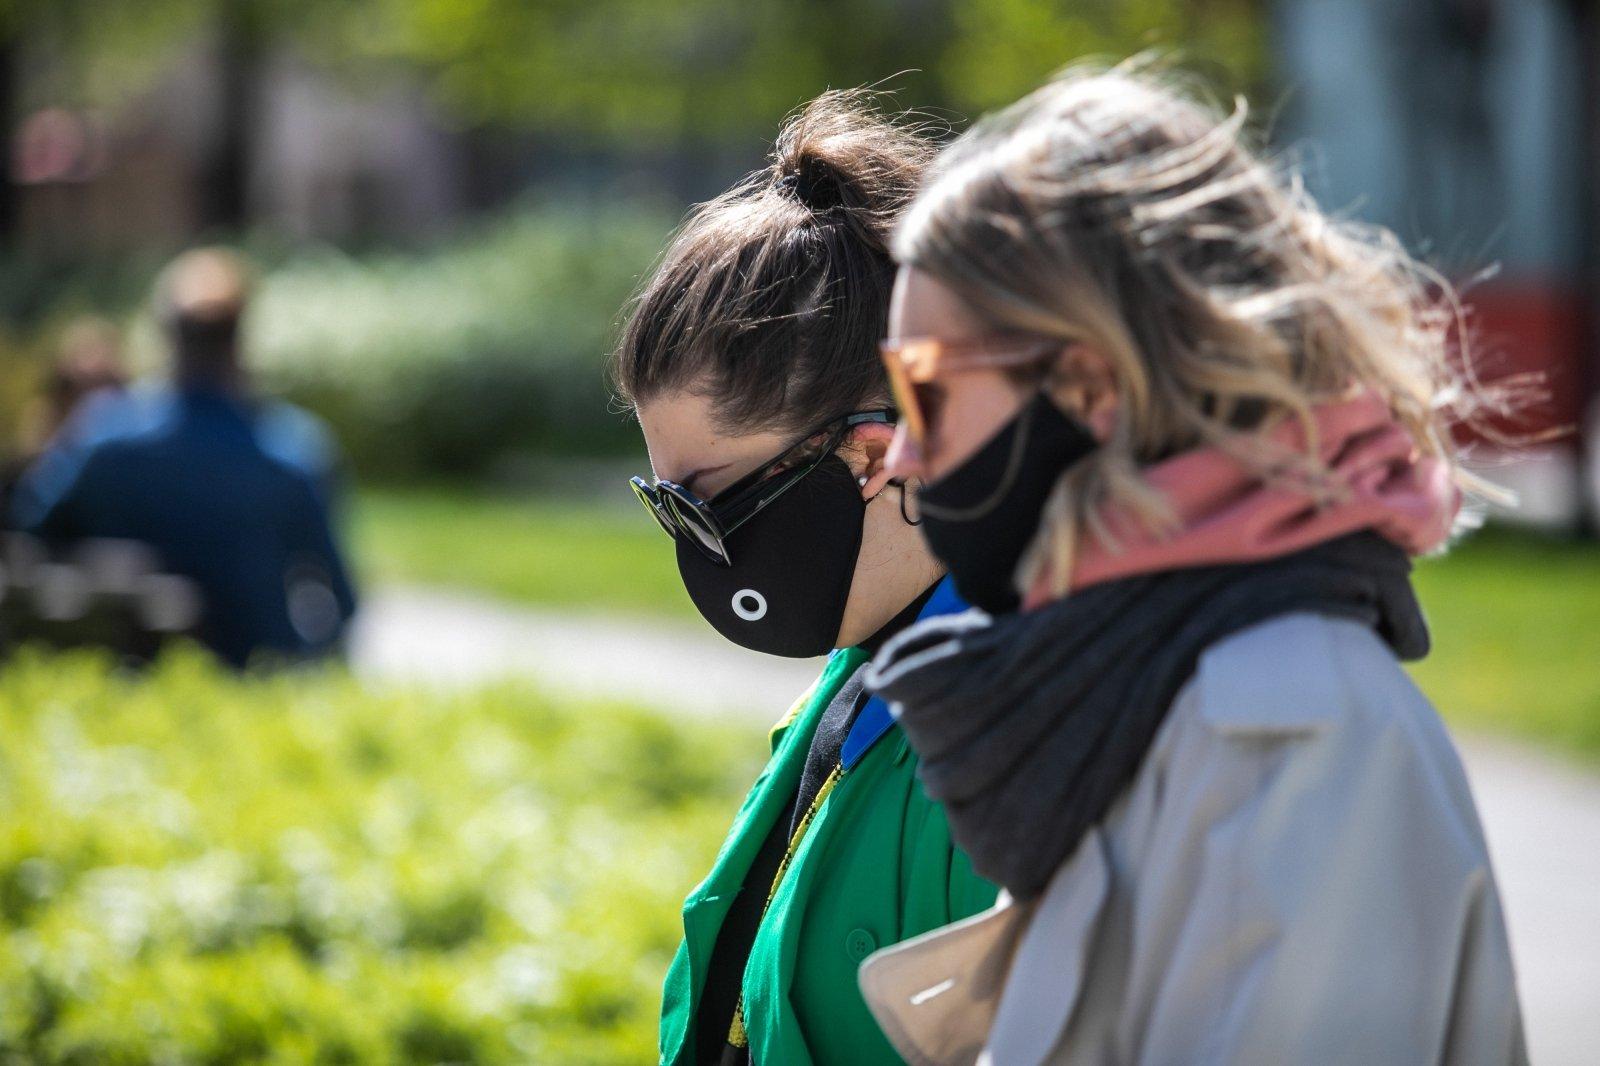 Со среды ношение масок в Литве станет необязательным